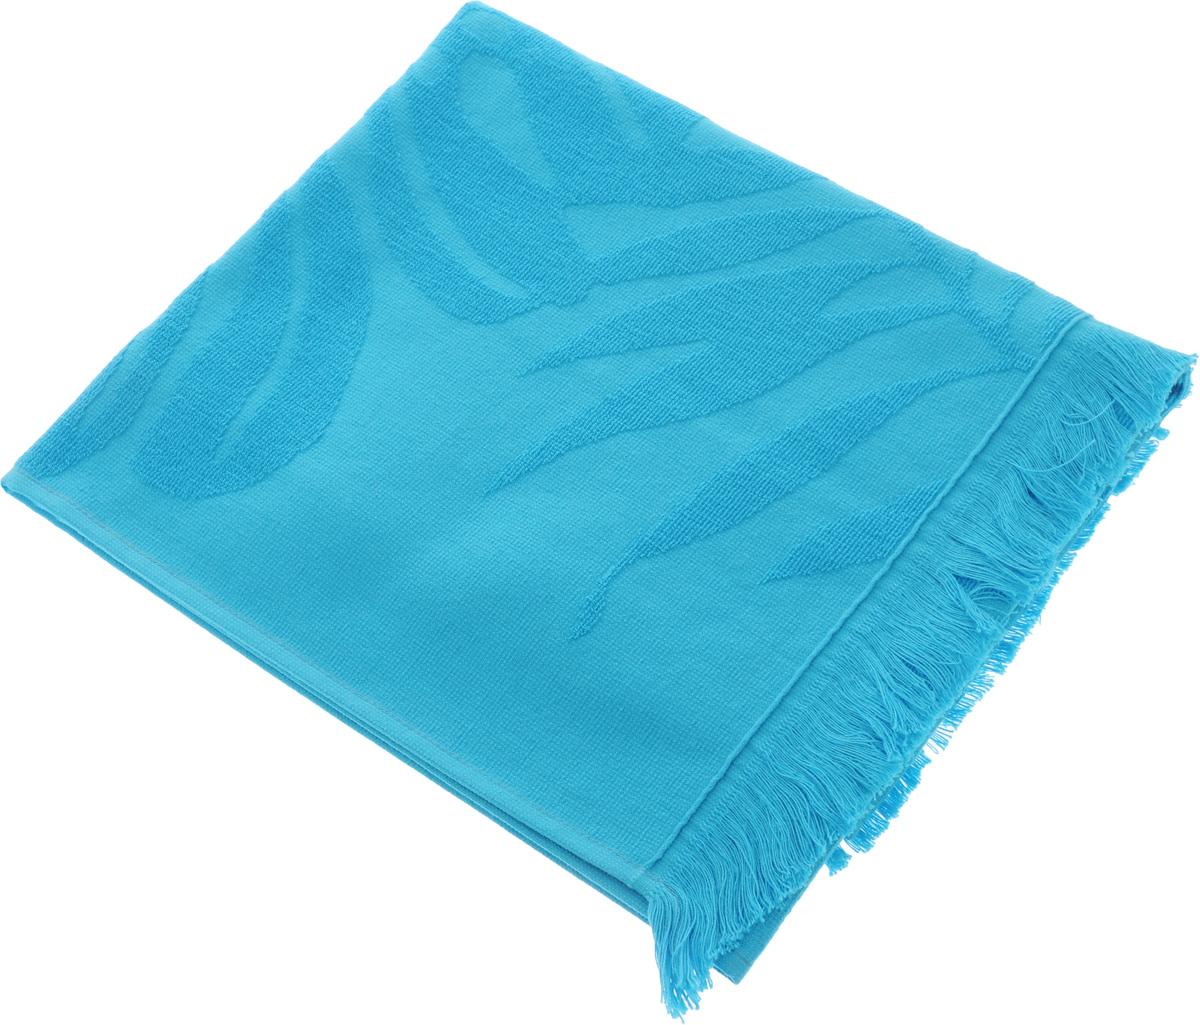 Полотенце Issimo Home Nadia, цвет: бирюзовый, 50 x 90 см68/5/3Полотенце Issimo Home Nadia выполнено из 100% хлопка. Изделие отлично впитывает влагу, быстро сохнет, сохраняет яркость цвета и не теряет форму даже после многократных стирок. Полотенце очень практично и неприхотливо в уходе. Оно прекрасно дополнит интерьер ванной комнаты.